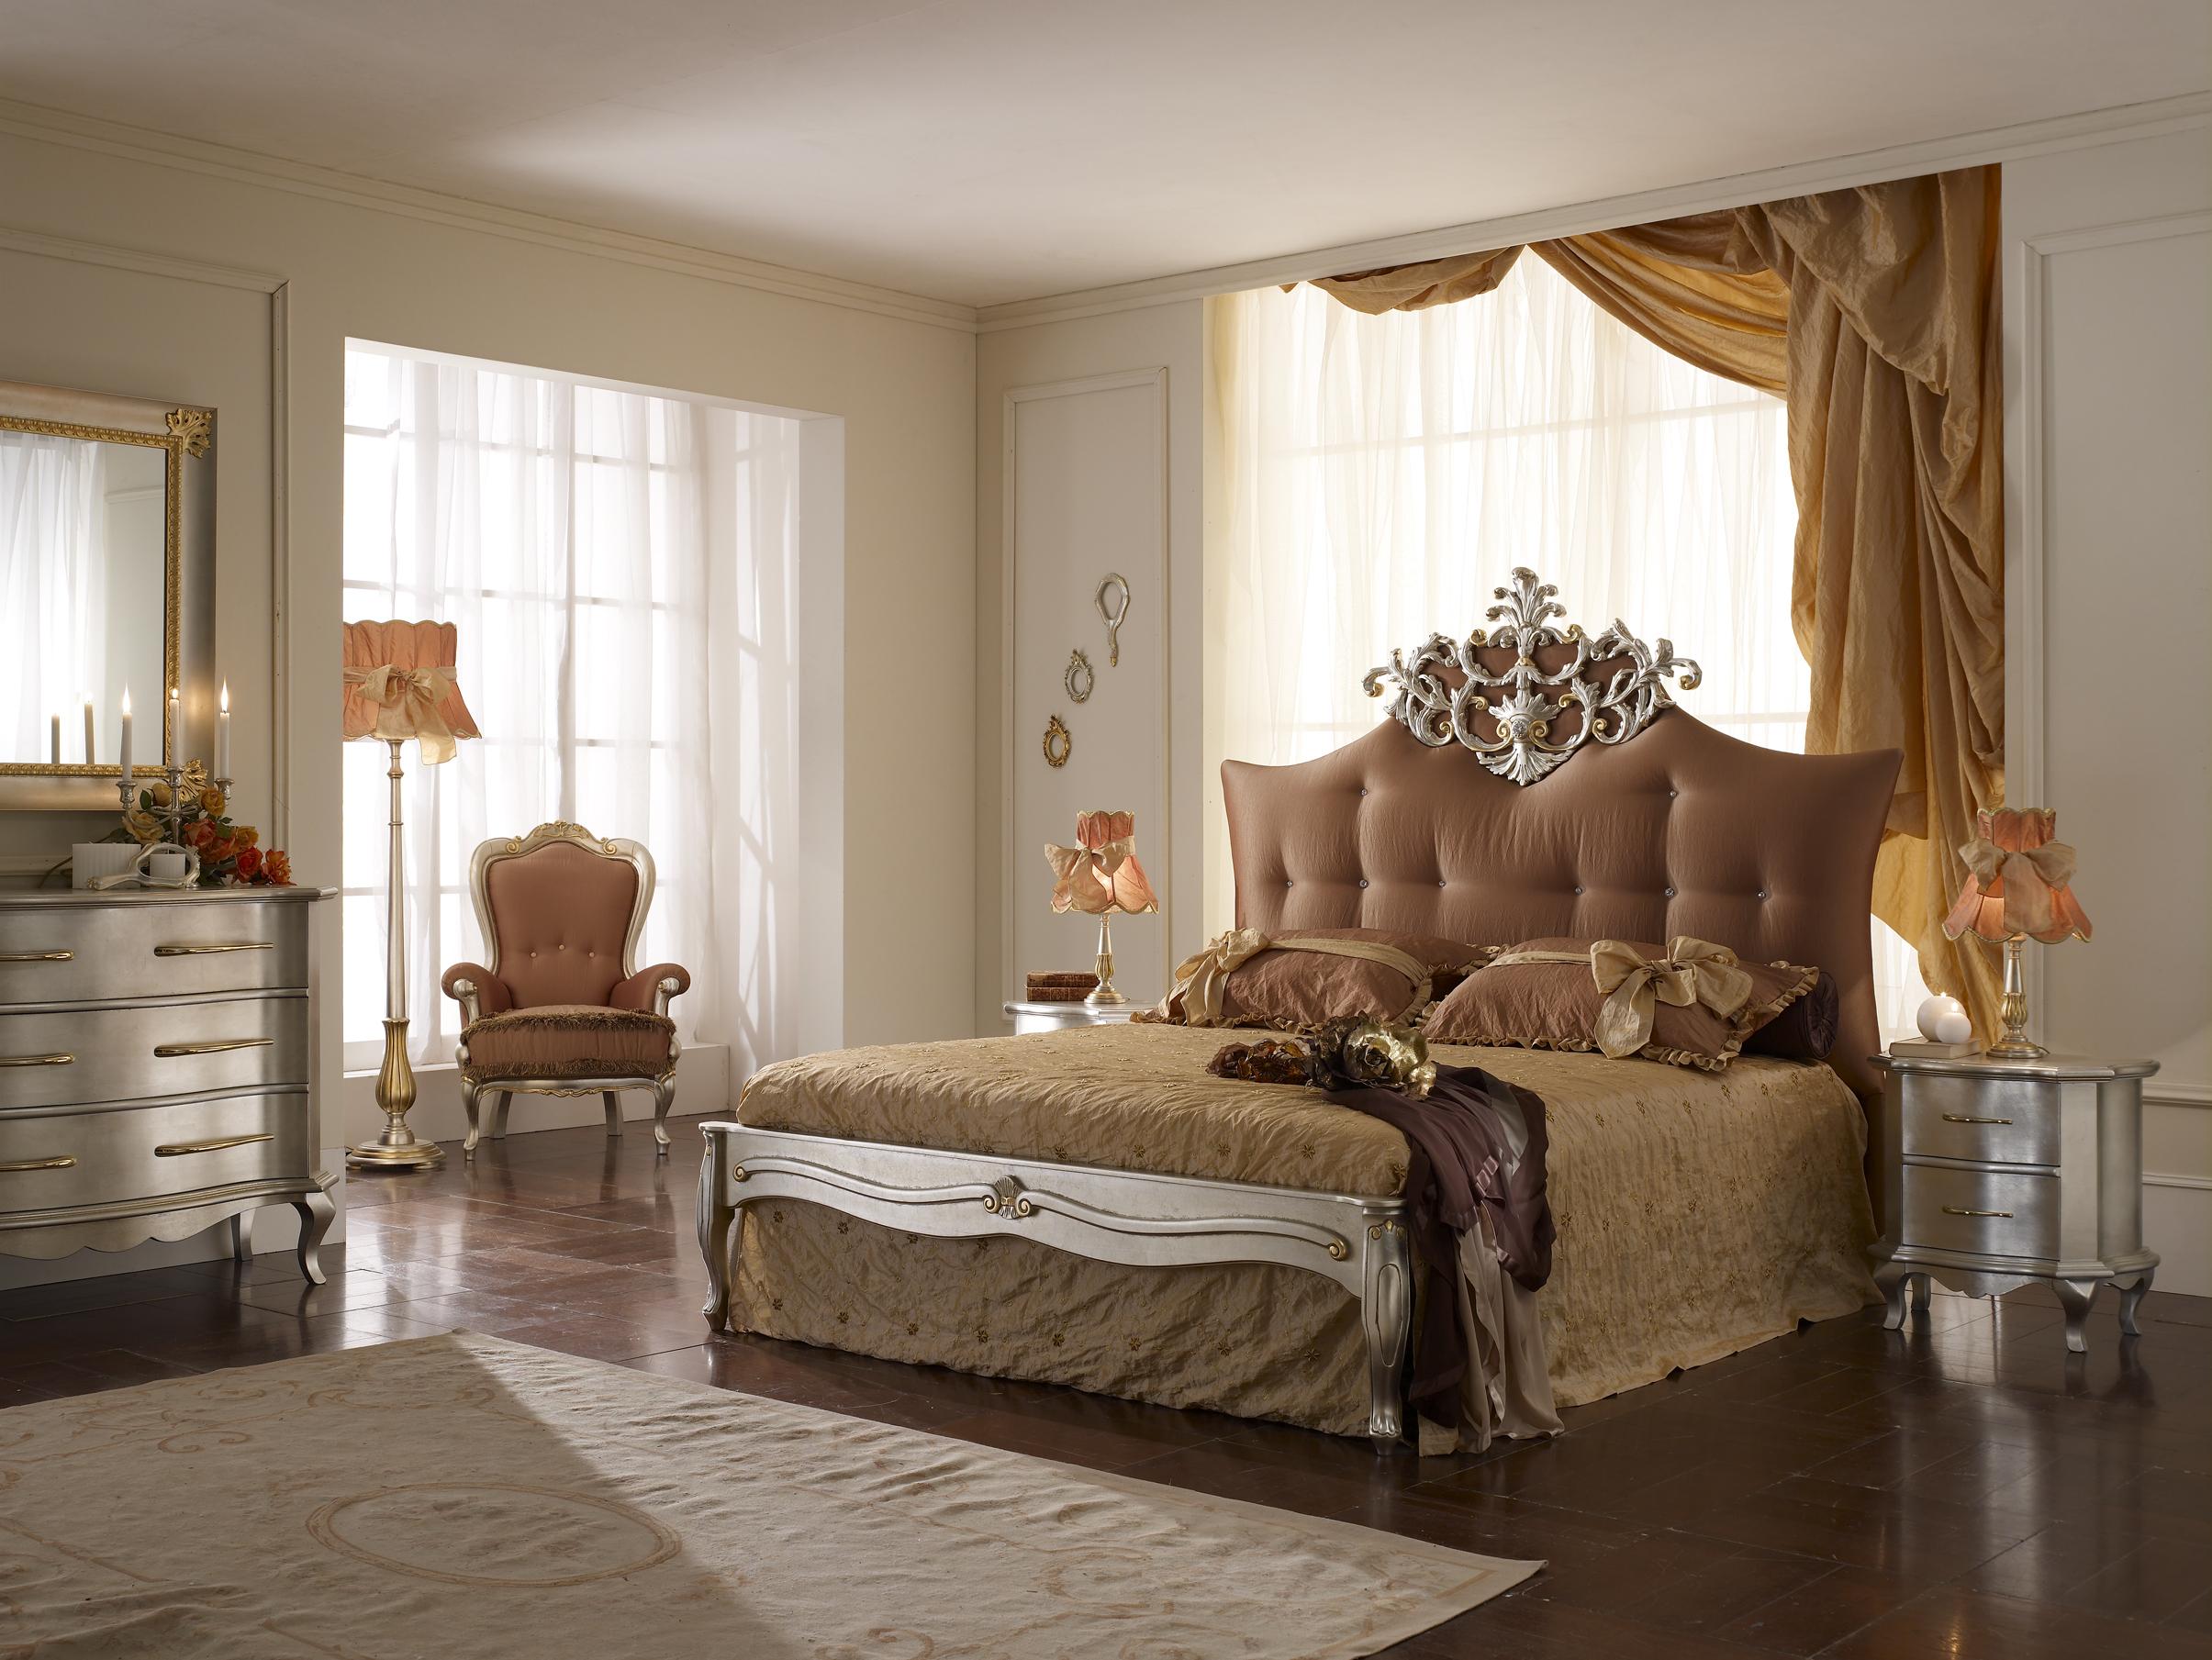 Интерьер спальня комната кровать  № 3537228 загрузить